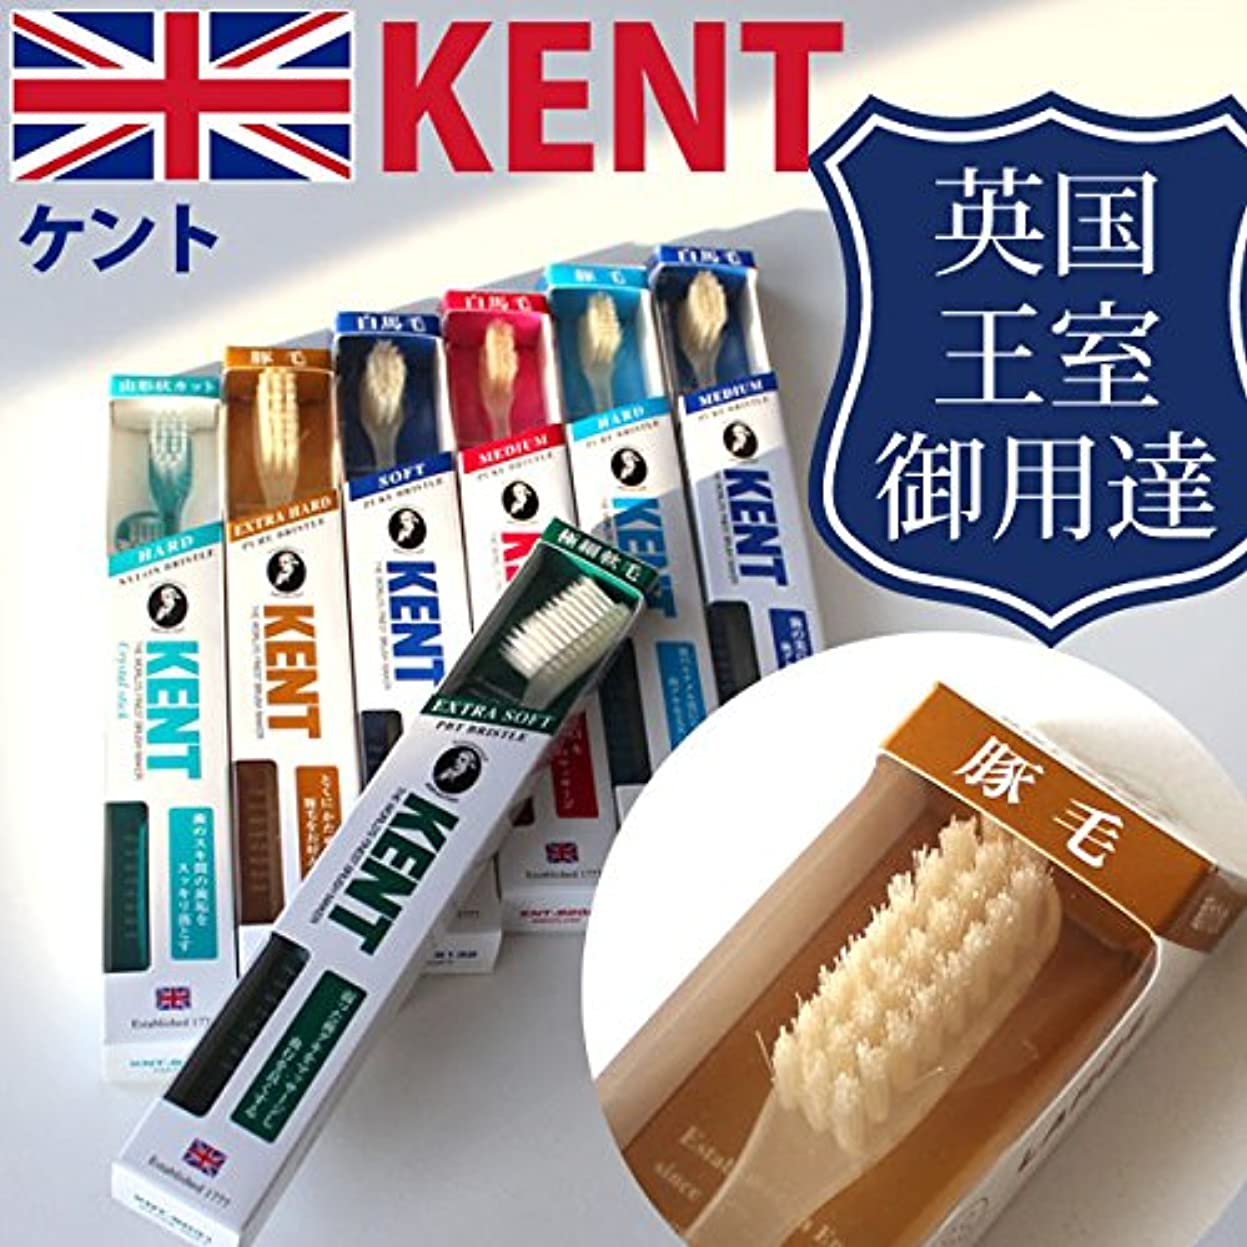 応用人種豊かにするケント KENT 豚毛 コンパクト 歯ブラシKNT-9233/9833 6本入り 他の天然毛の歯ブラシに比べて細かく磨 かため